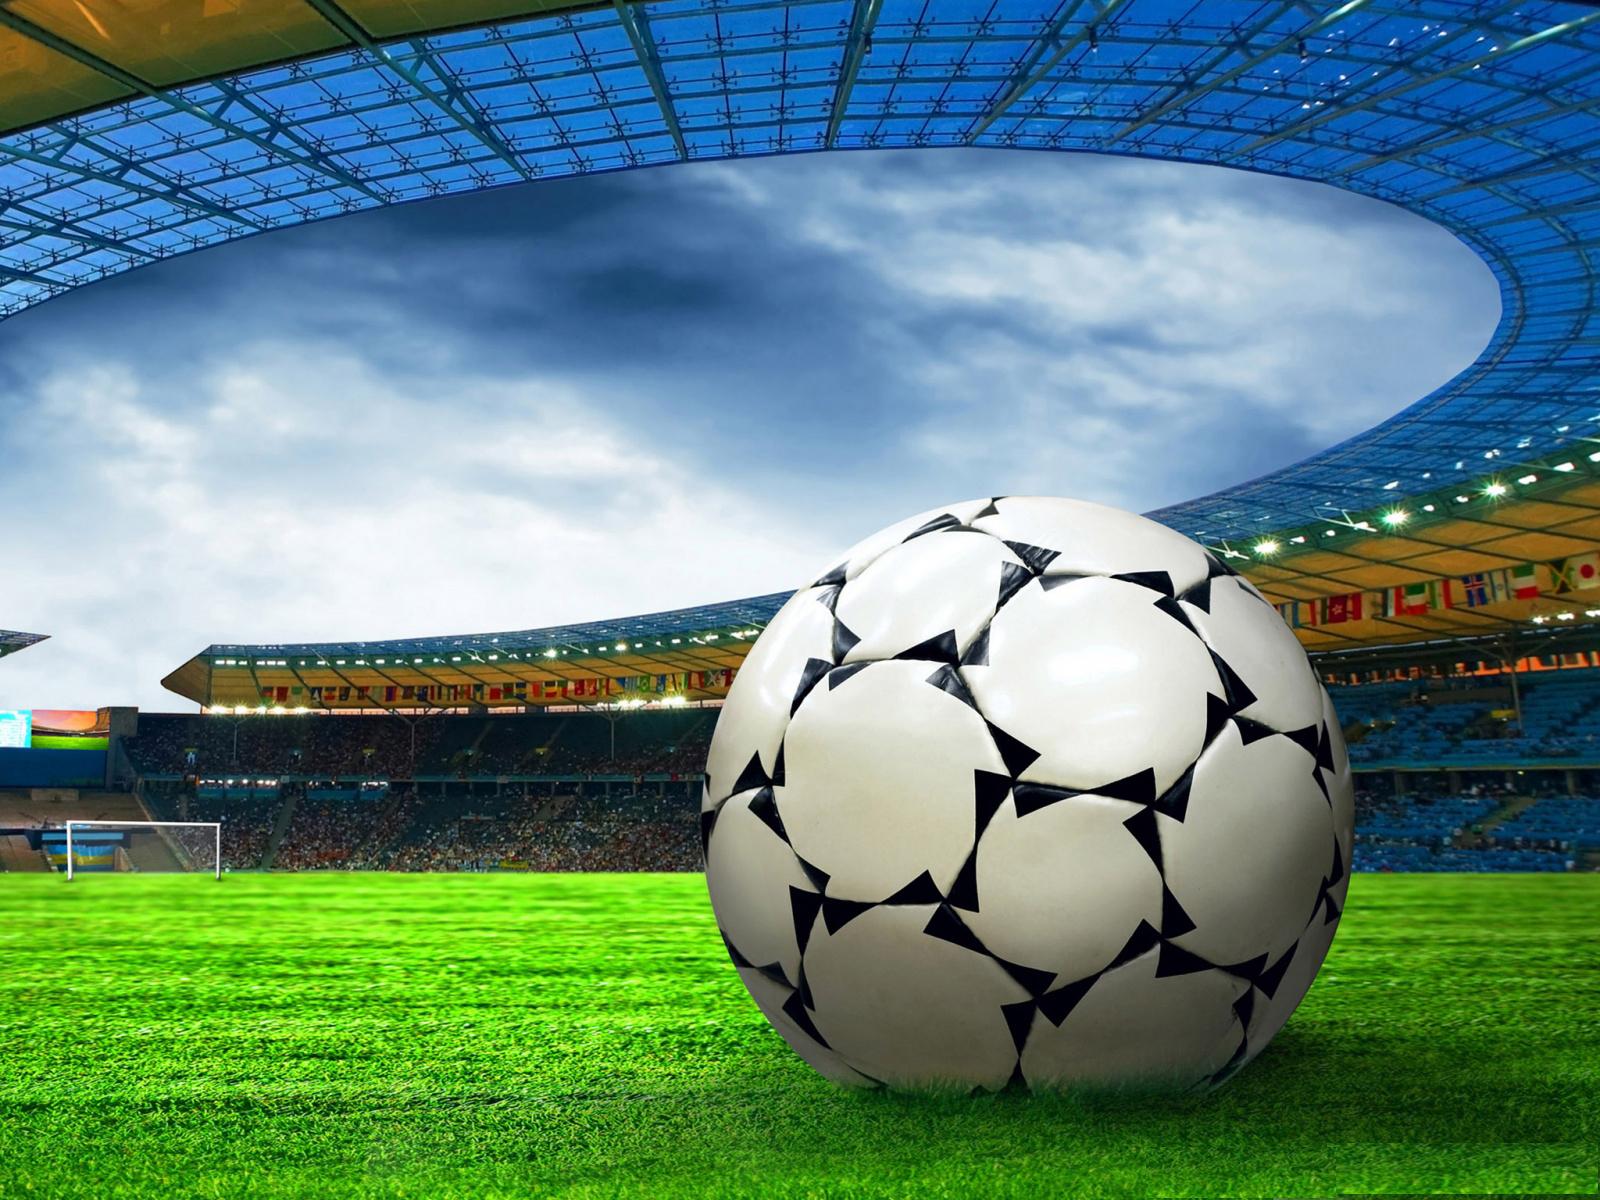 تغییر زمان برگزاری رقابتهای آسیایی فوتبال ساحلی